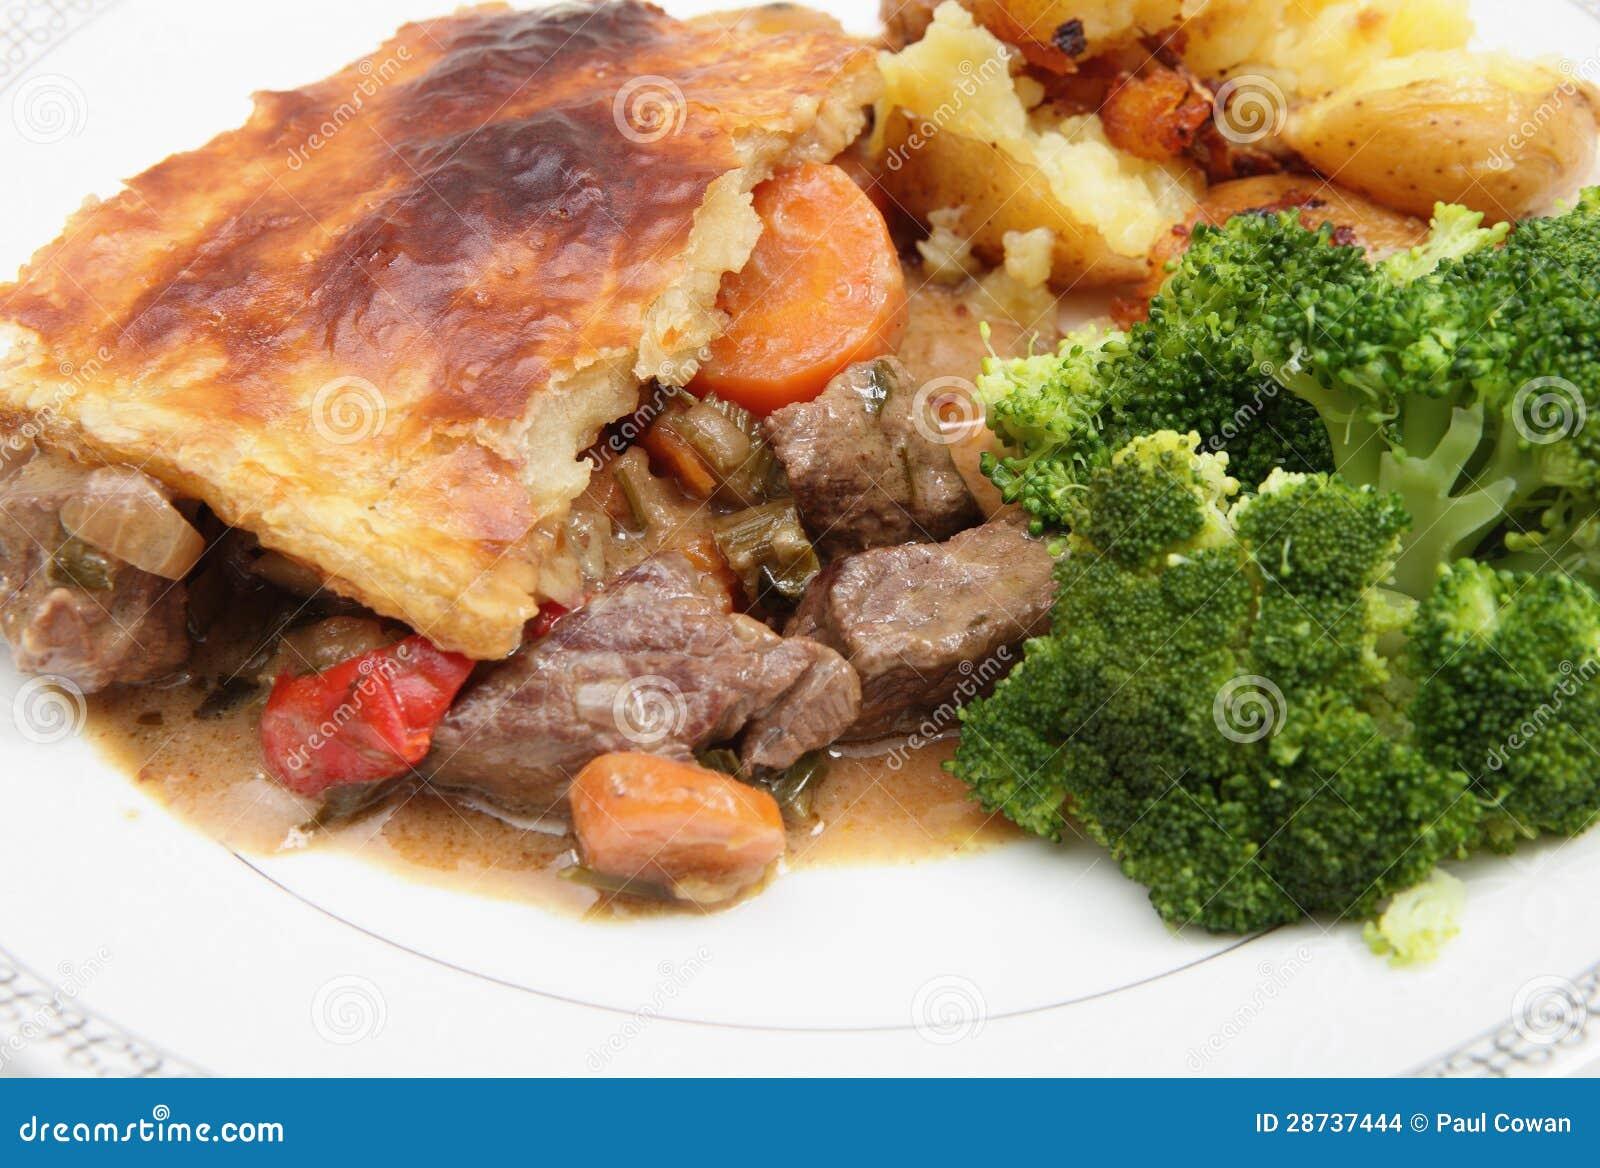 Steak and veg pie stock photo. Image of british, crushed ...